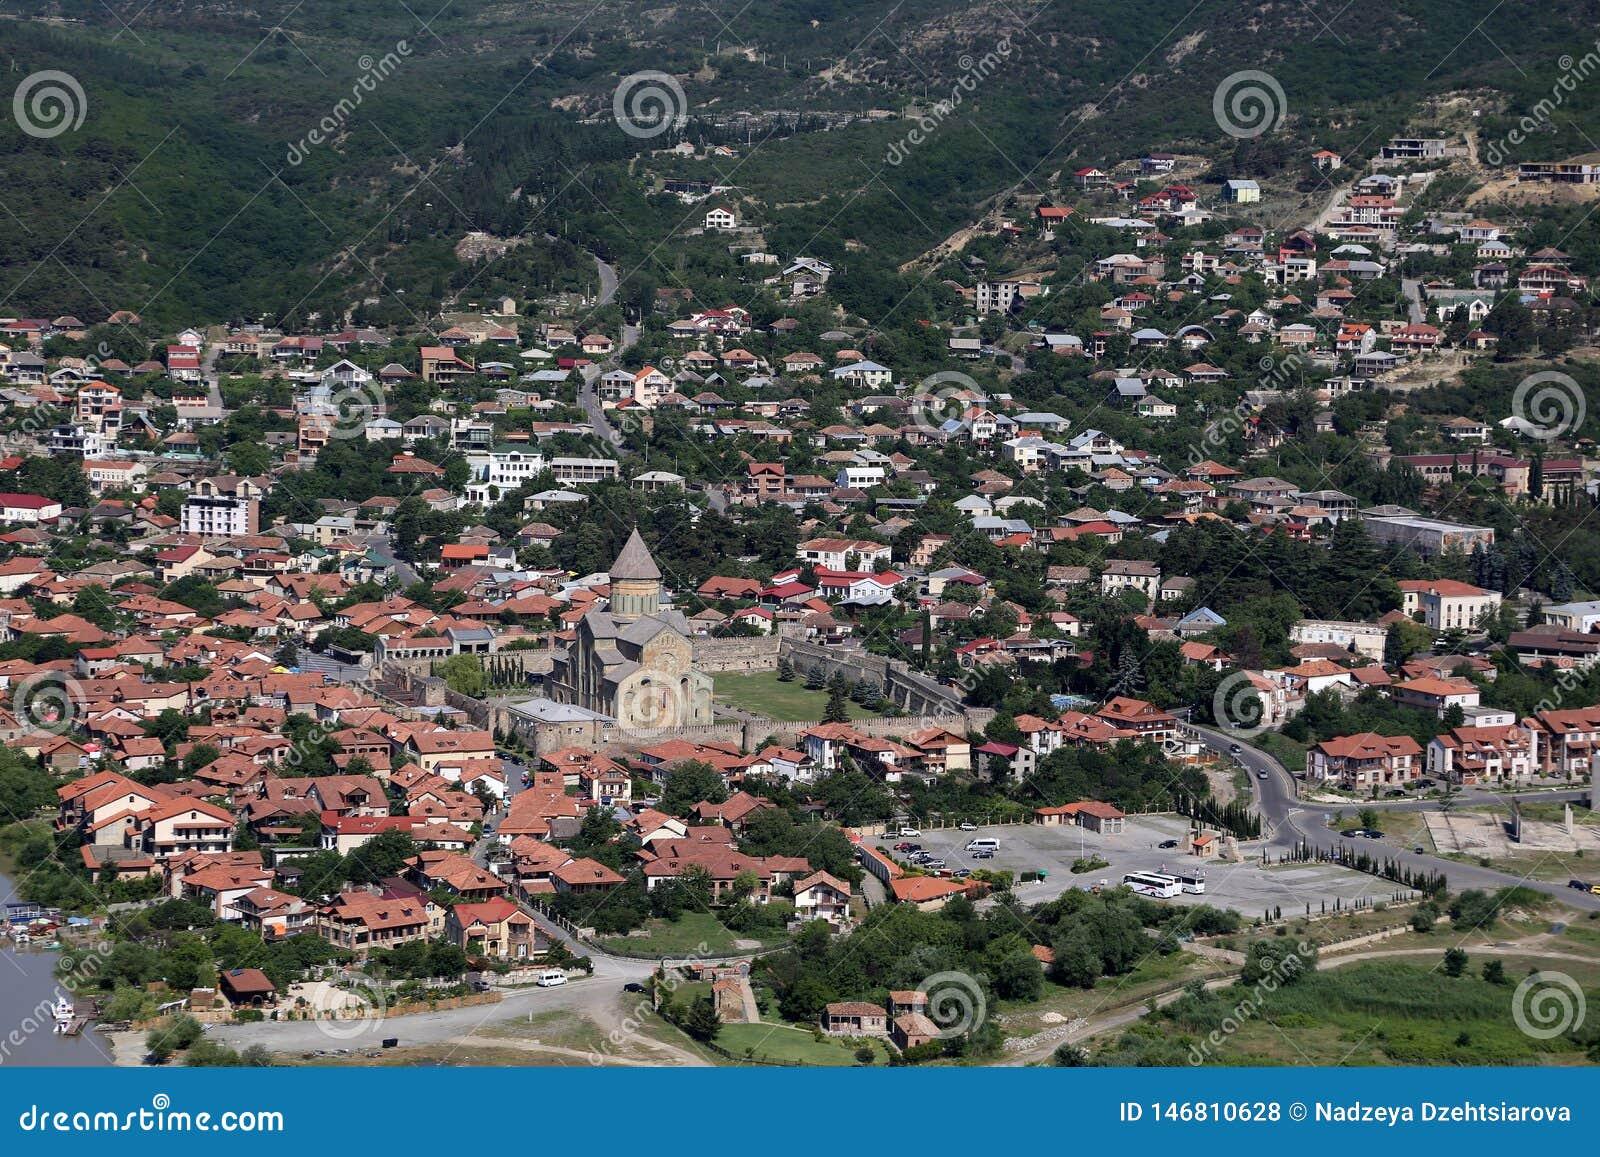 Άποψη από την πλατφόρμα εξέτασης του μοναστηριού Jvari στην πόλη Mtskheta